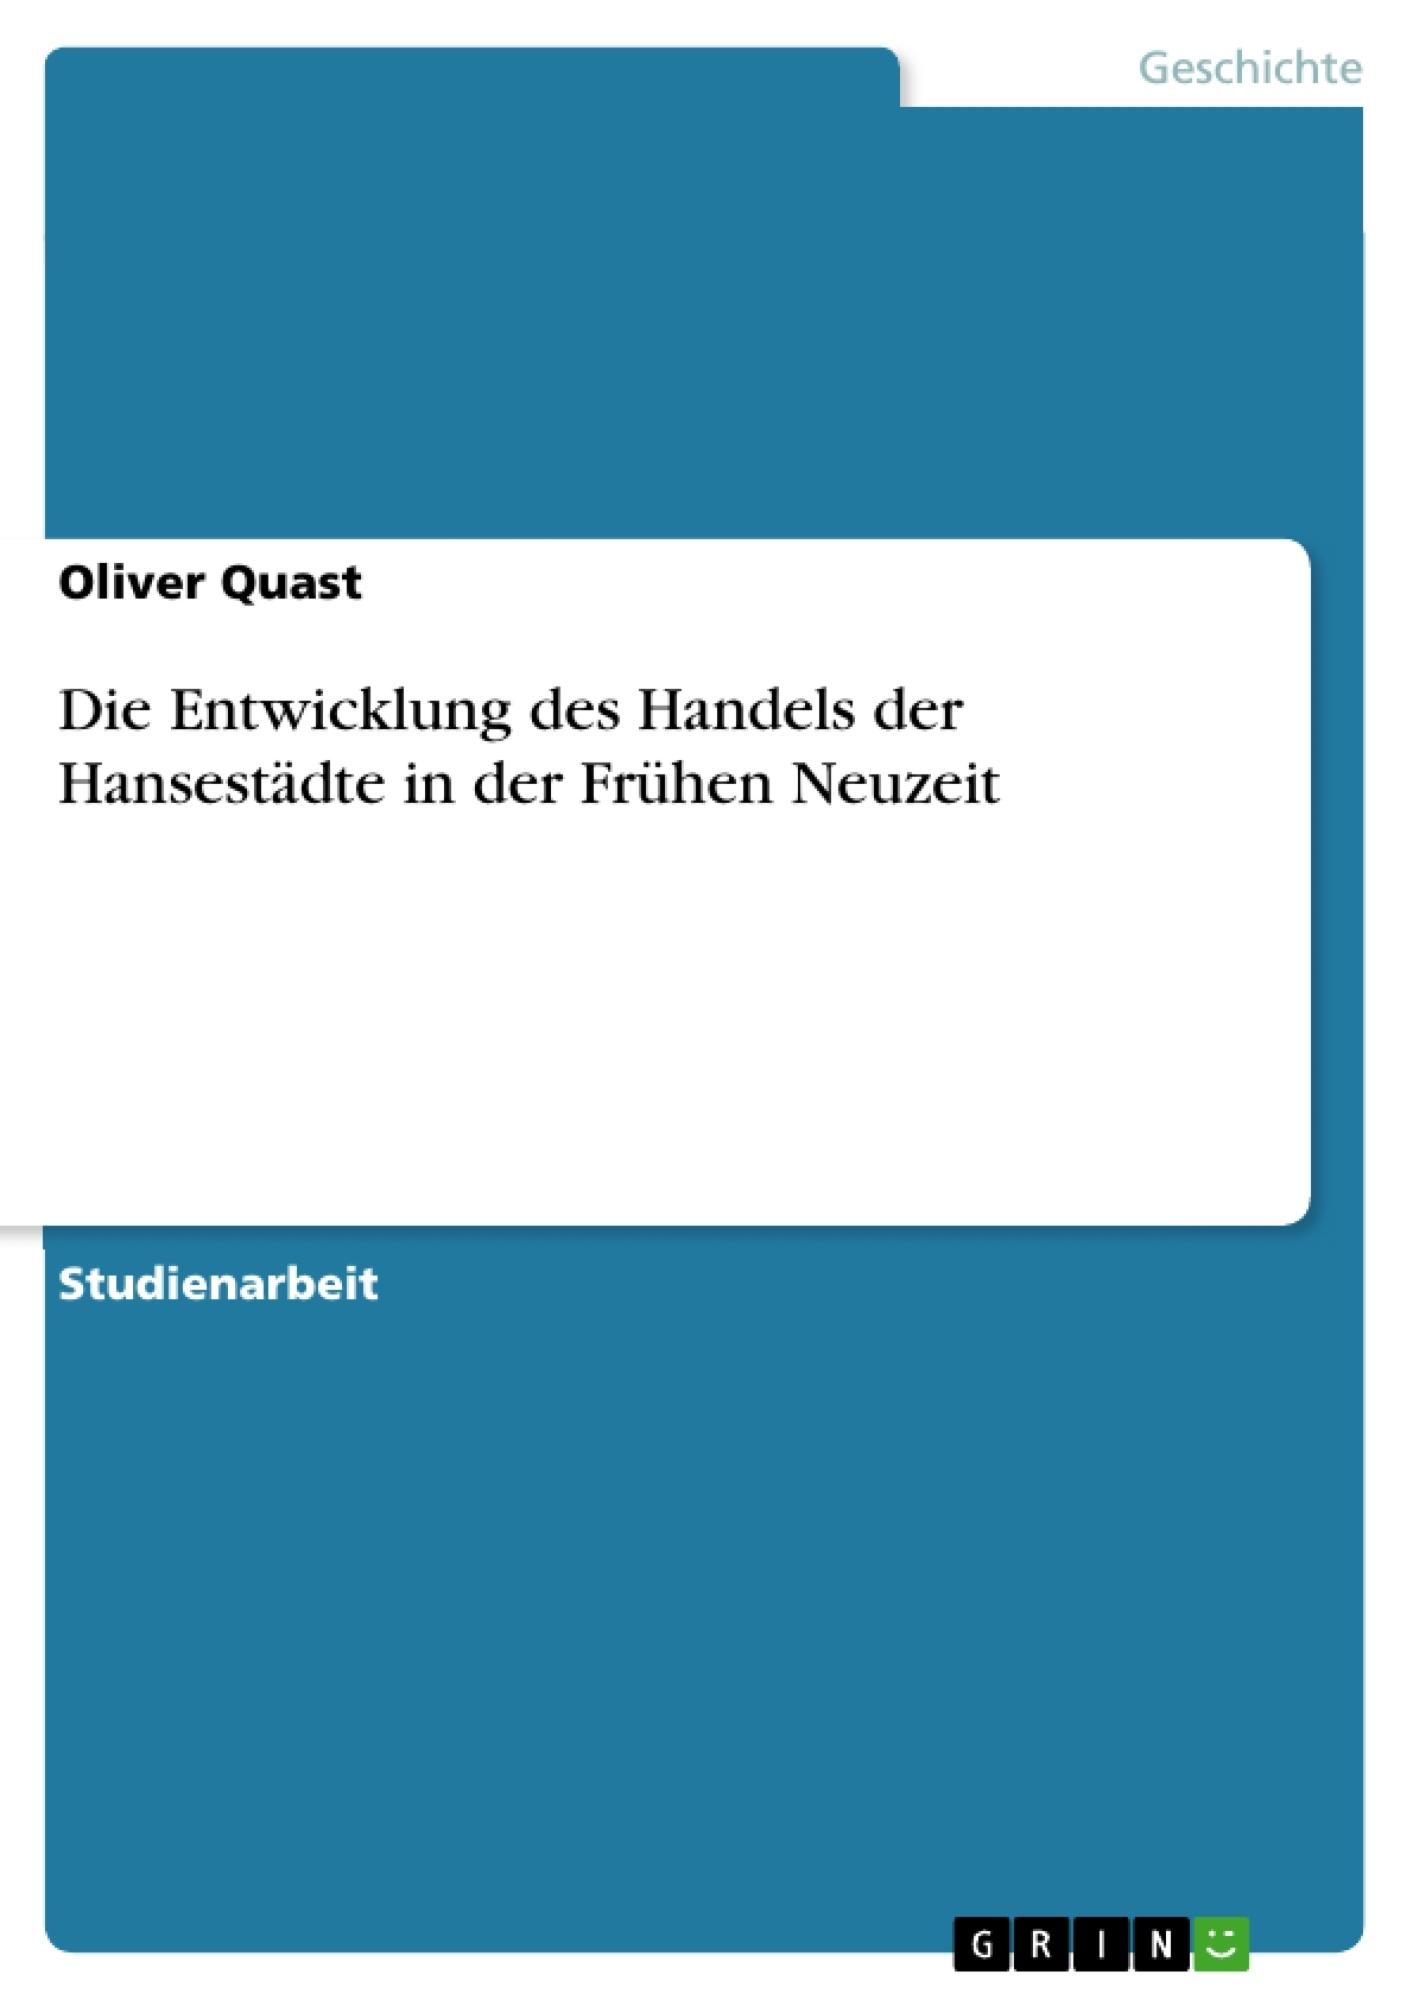 Titel: Die Entwicklung des Handels der Hansestädte in der Frühen Neuzeit